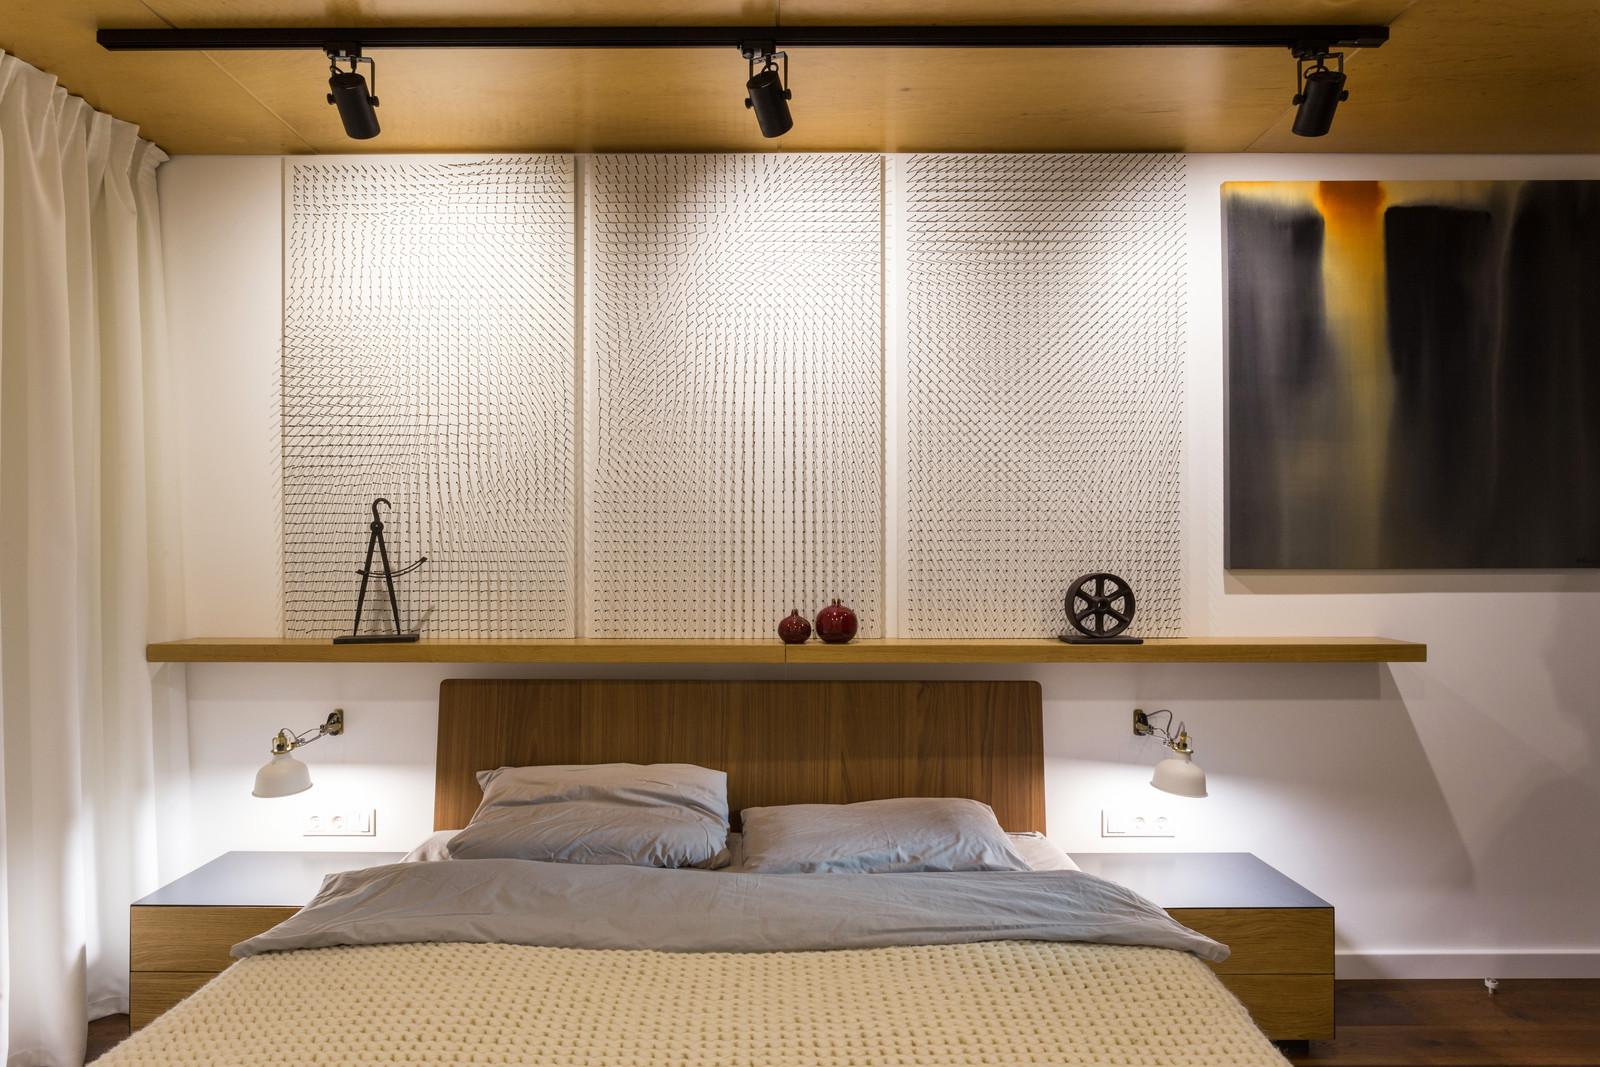 Apartment-design-just3ds.com-15